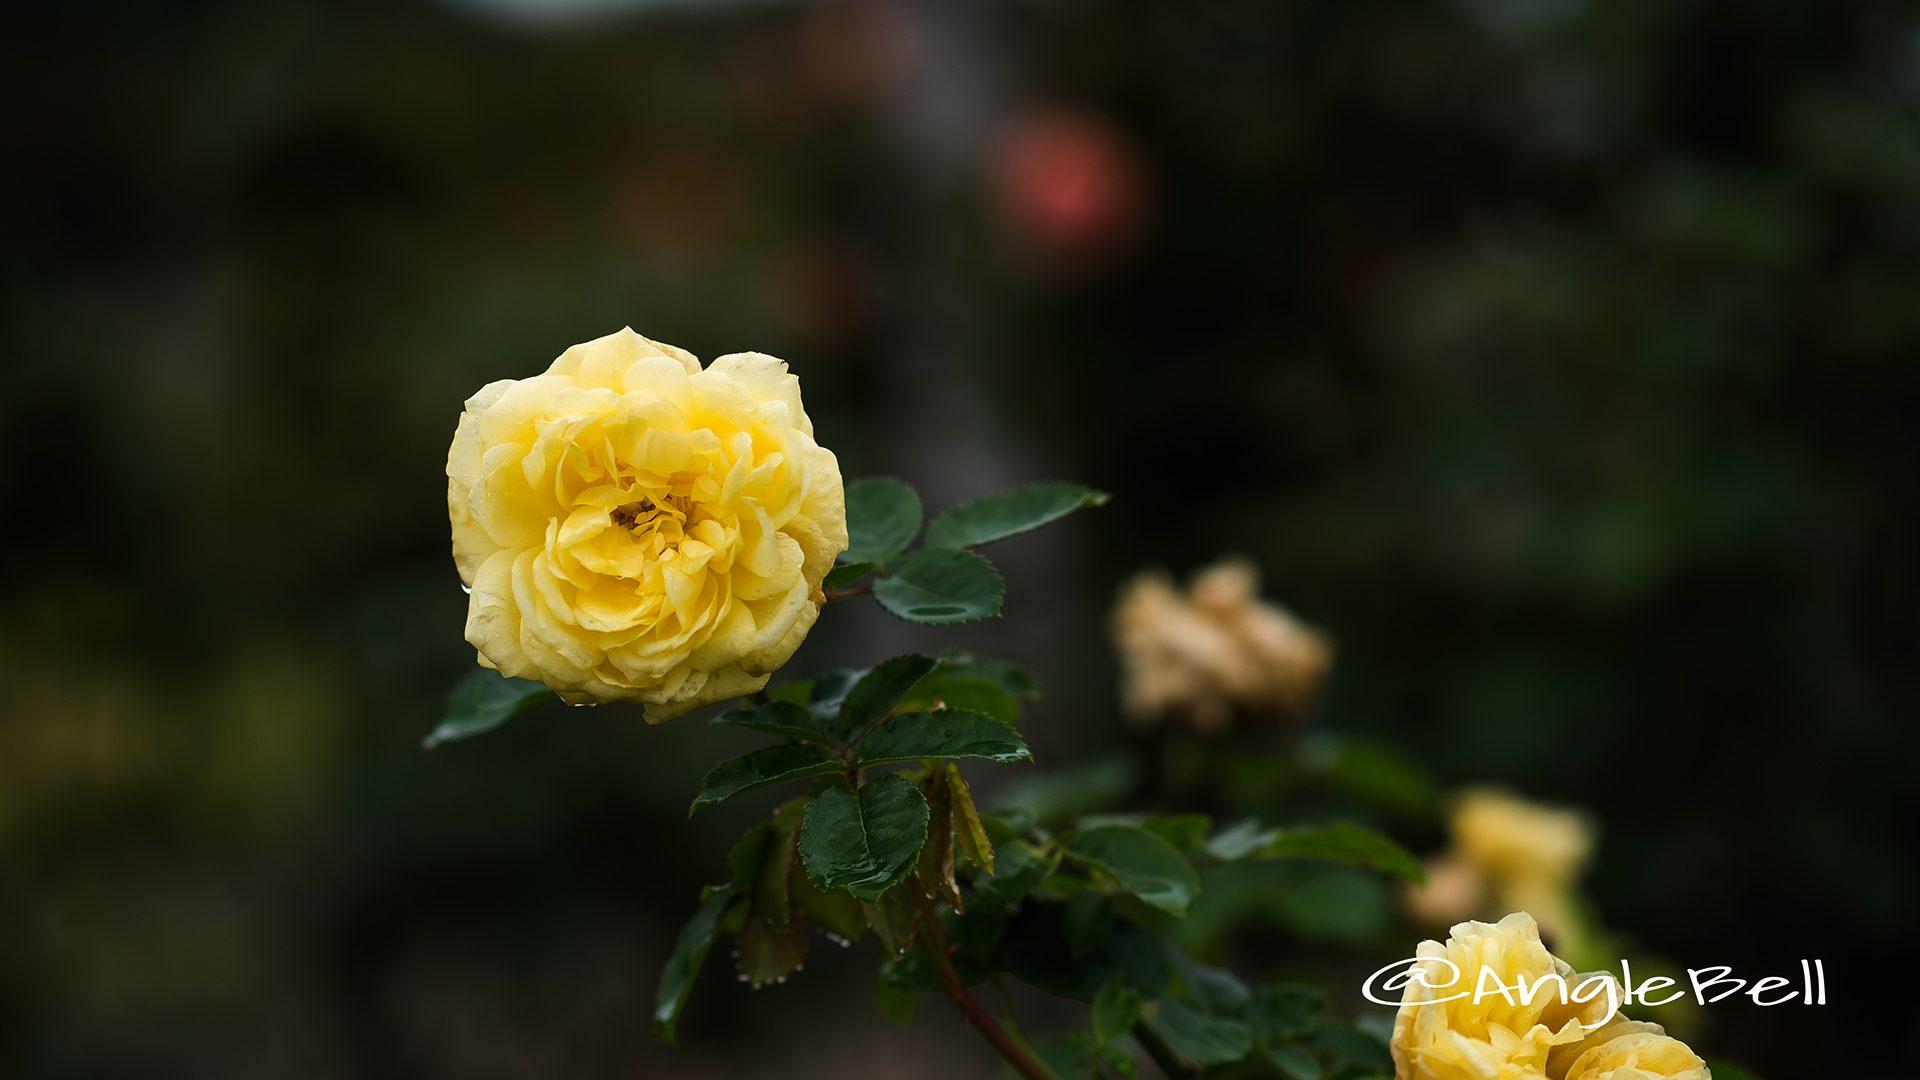 ベル ロマンティカ (バラ)